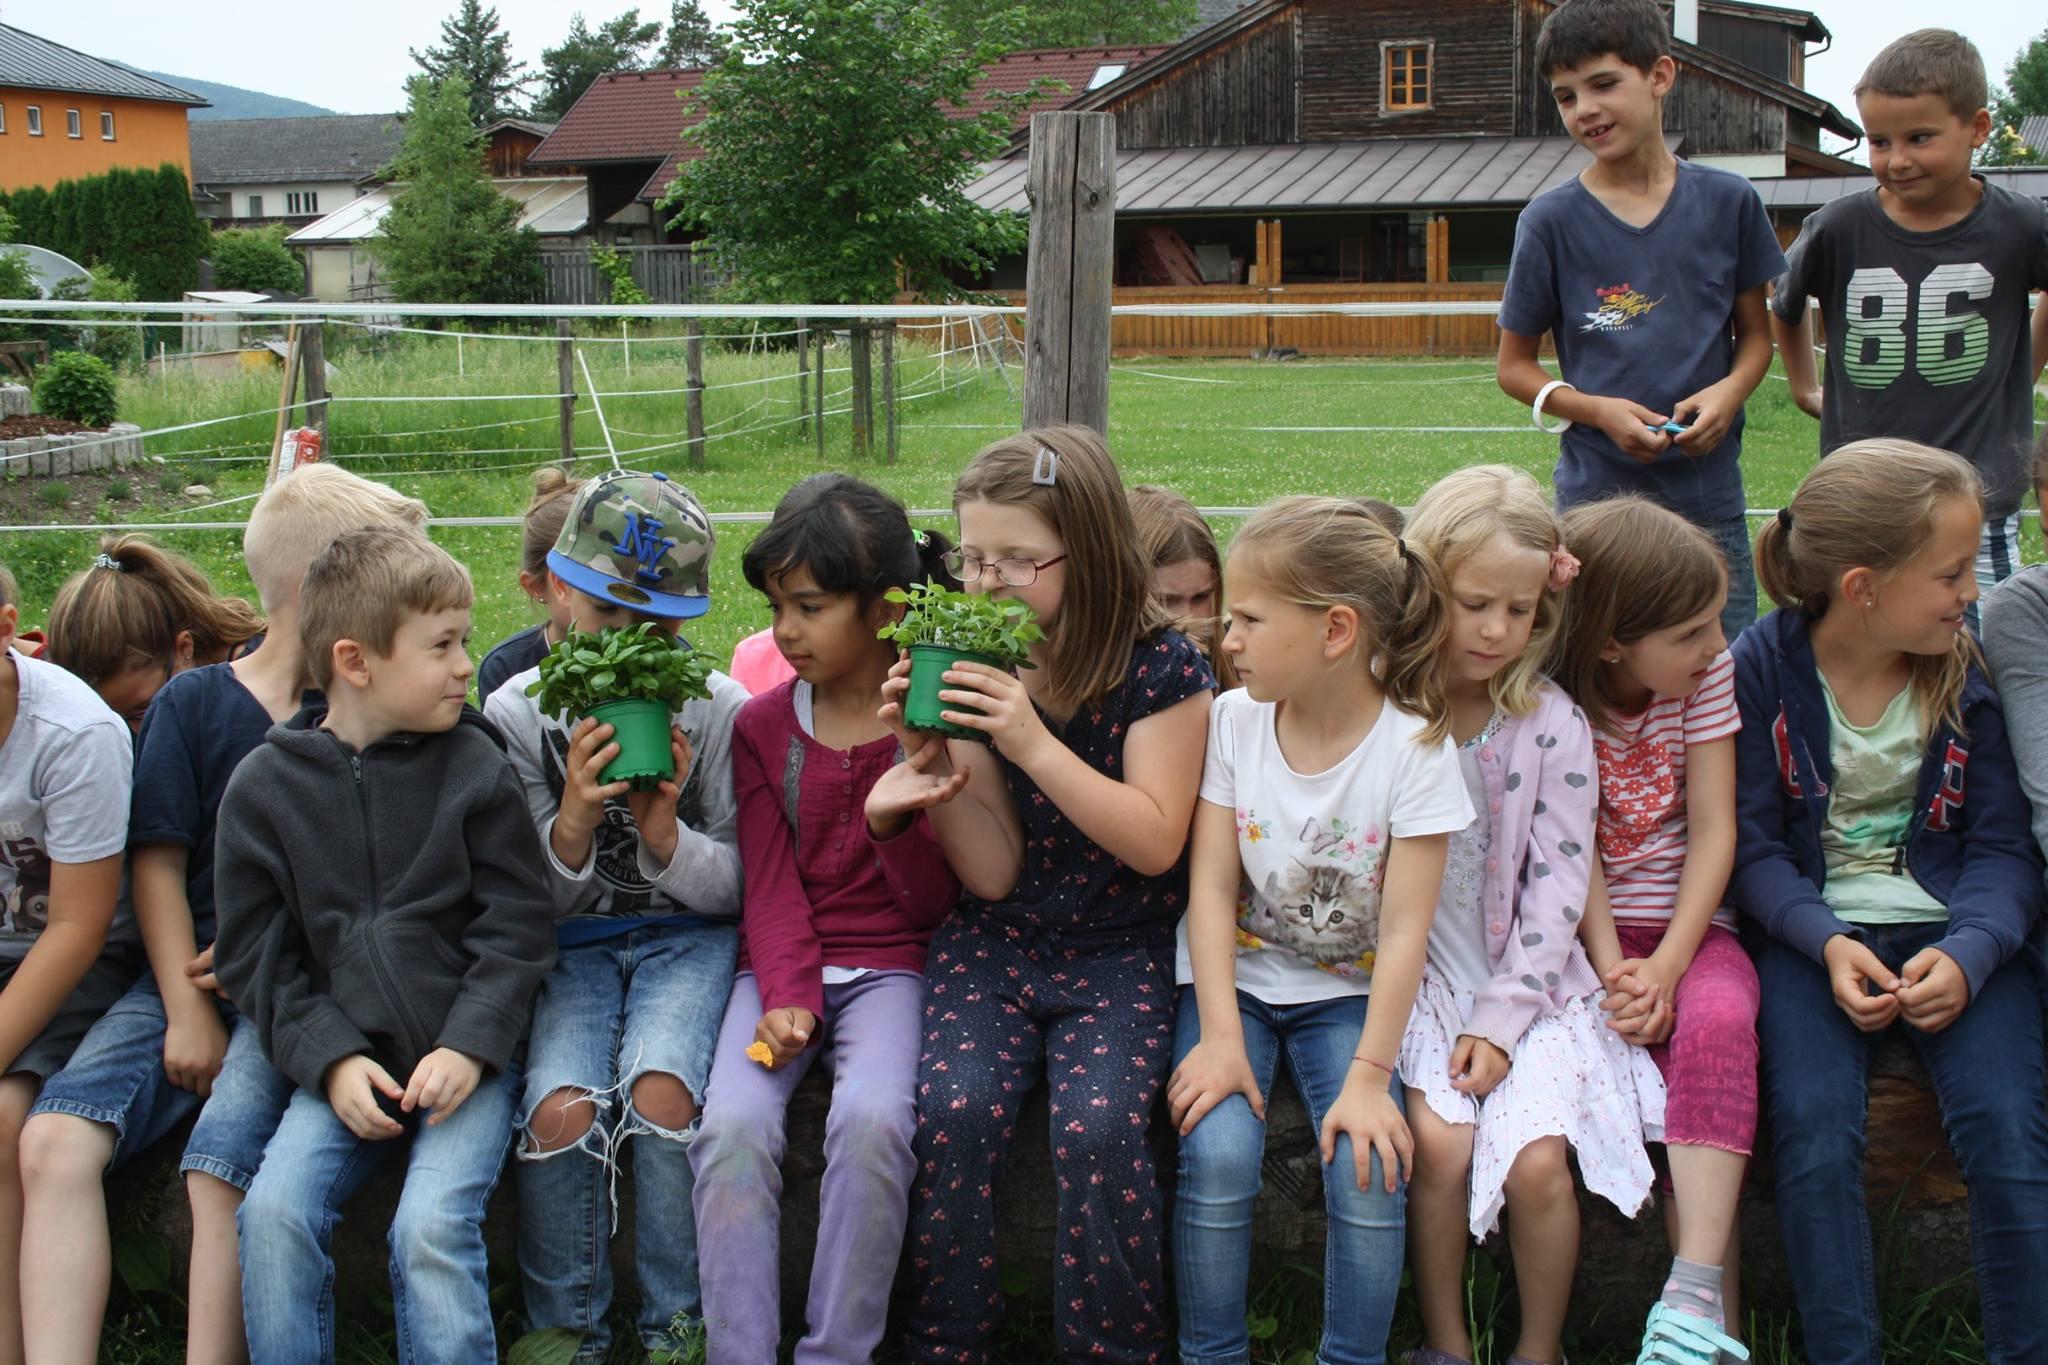 Kinder-Erlebnis-Bauernhof Wals | Tiere hautnah | Verwurzelt in Wals